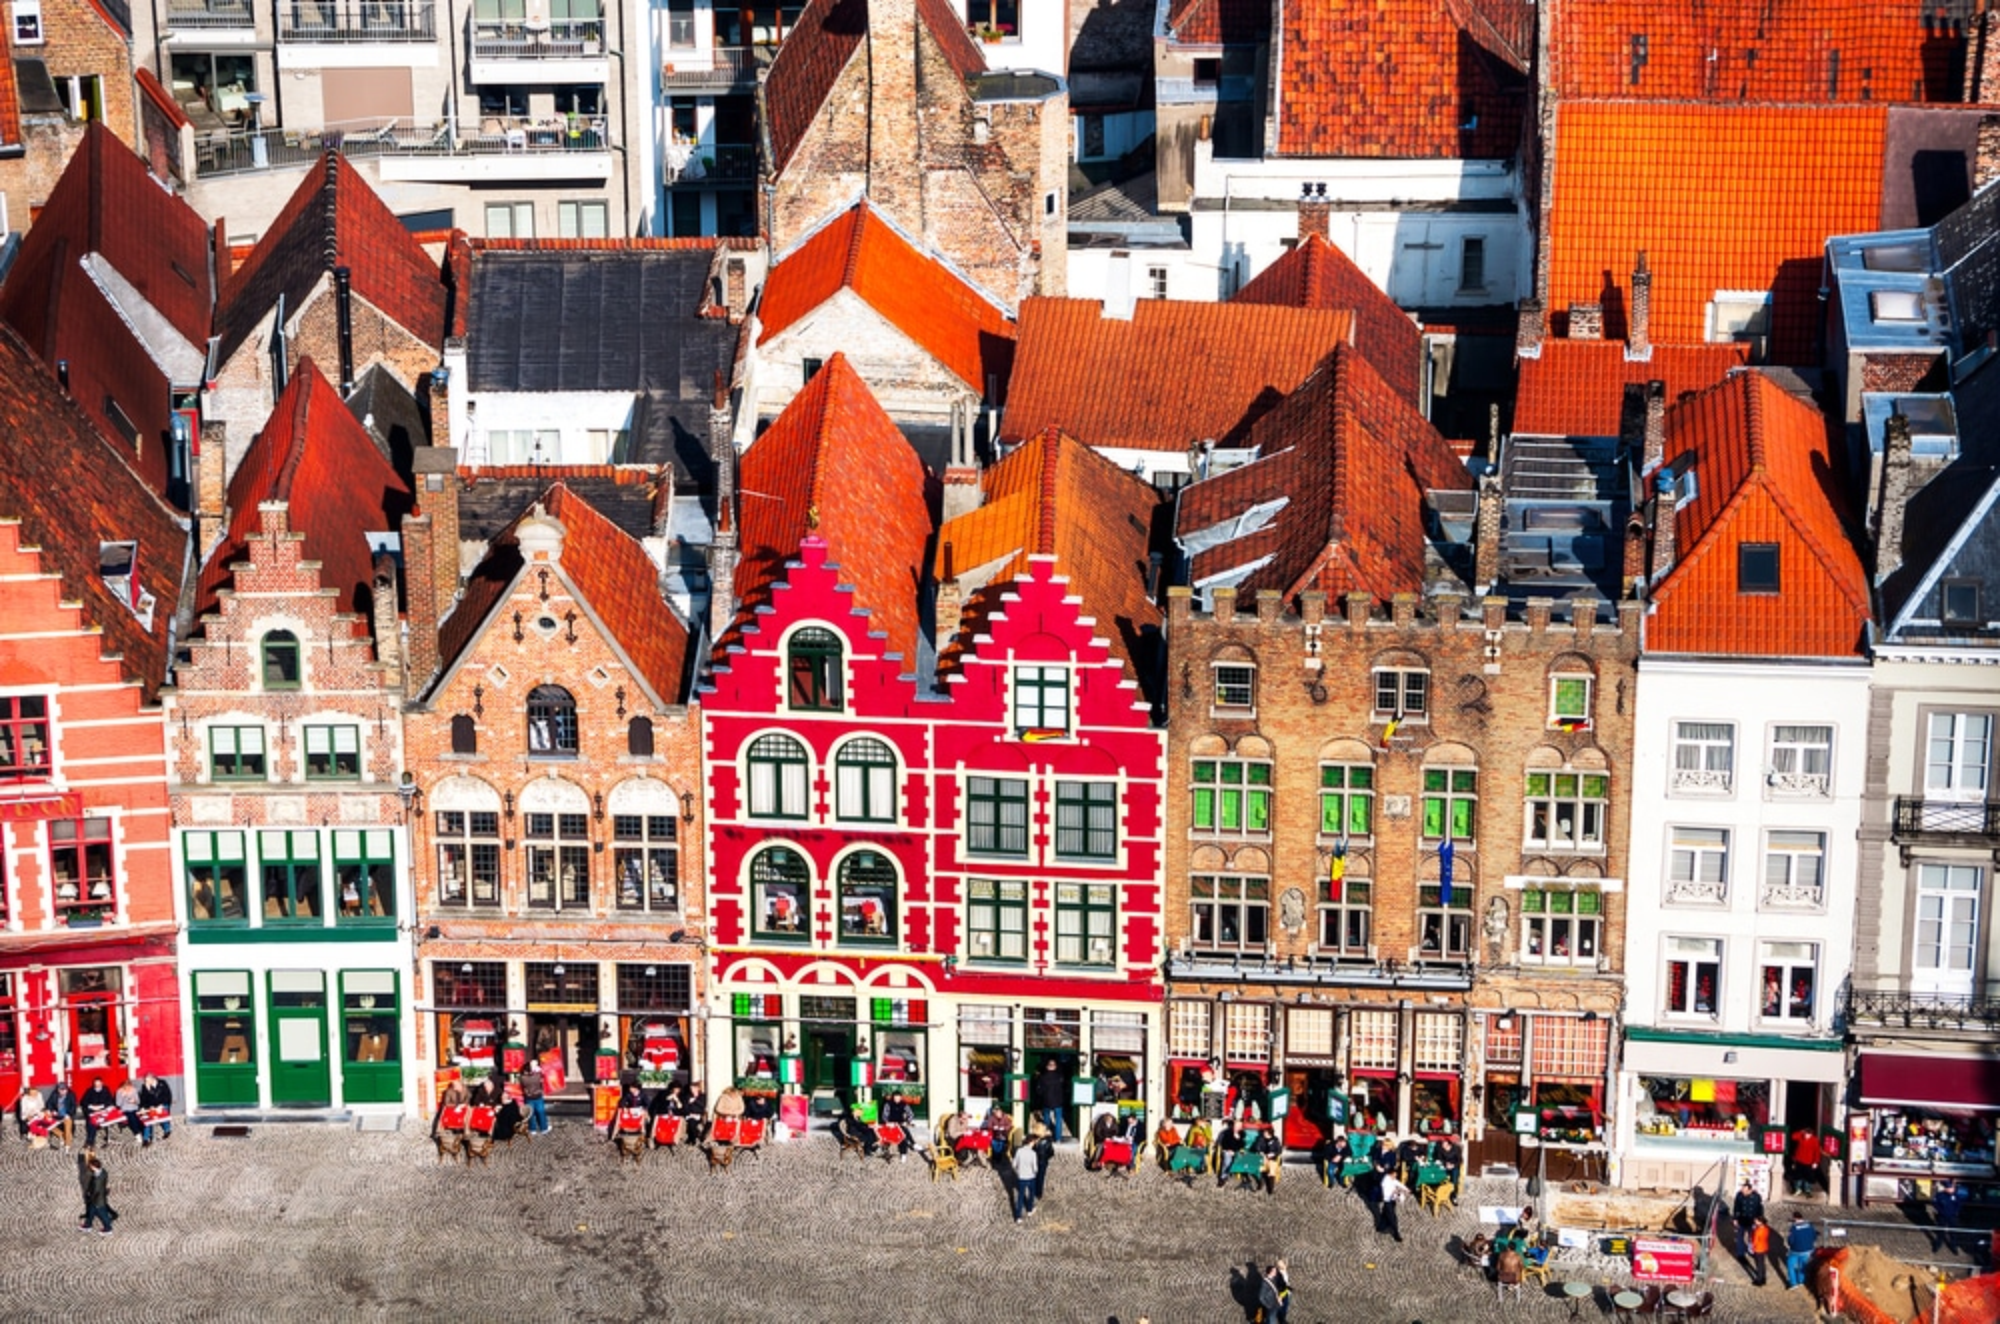 Célèbres vieilles bâtisses colorées sur la place du Marché à Bruges, Belgique.